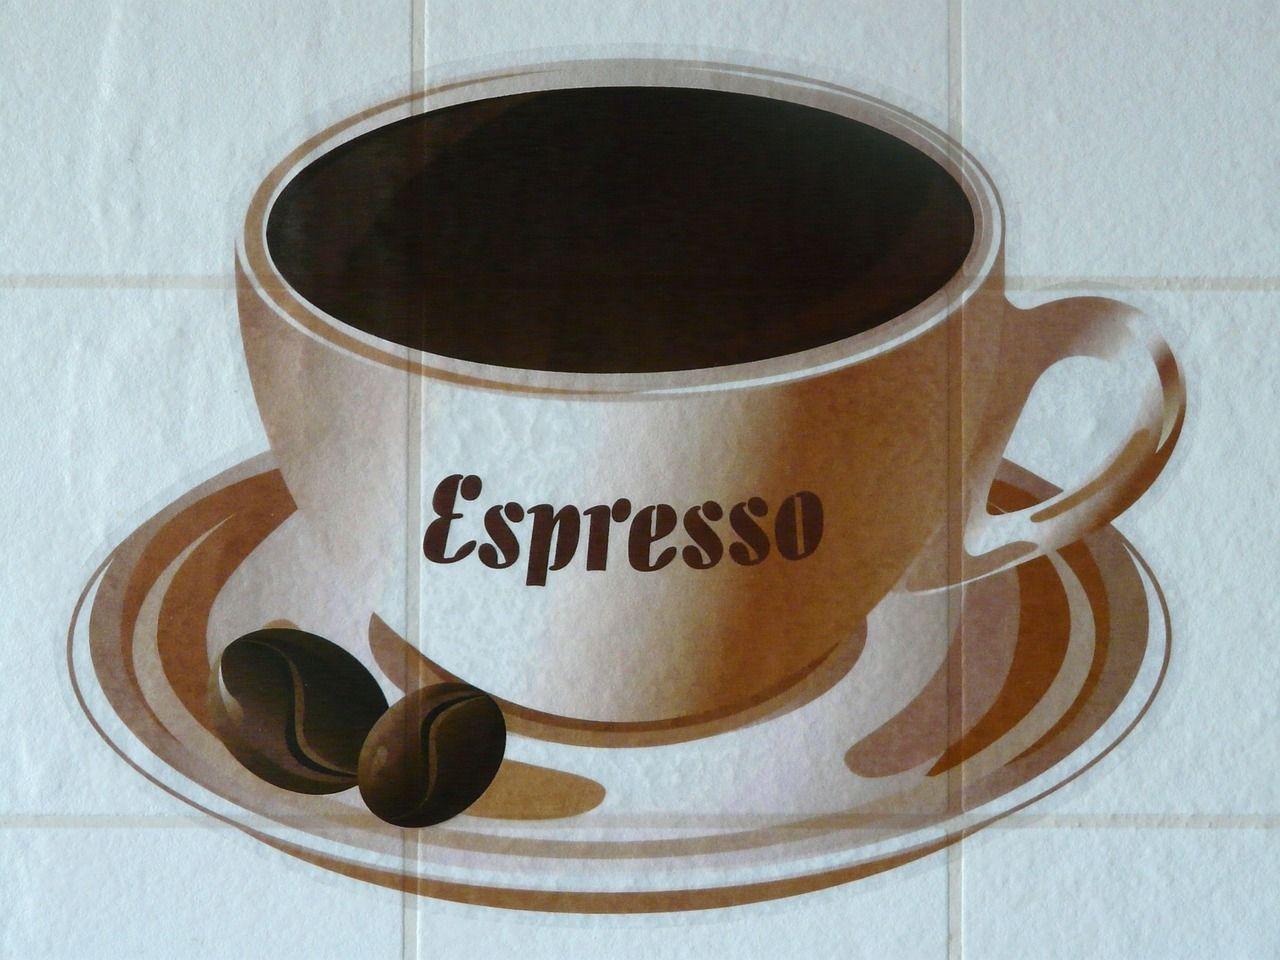 Coffee coffee cup coffee drawing image coffee